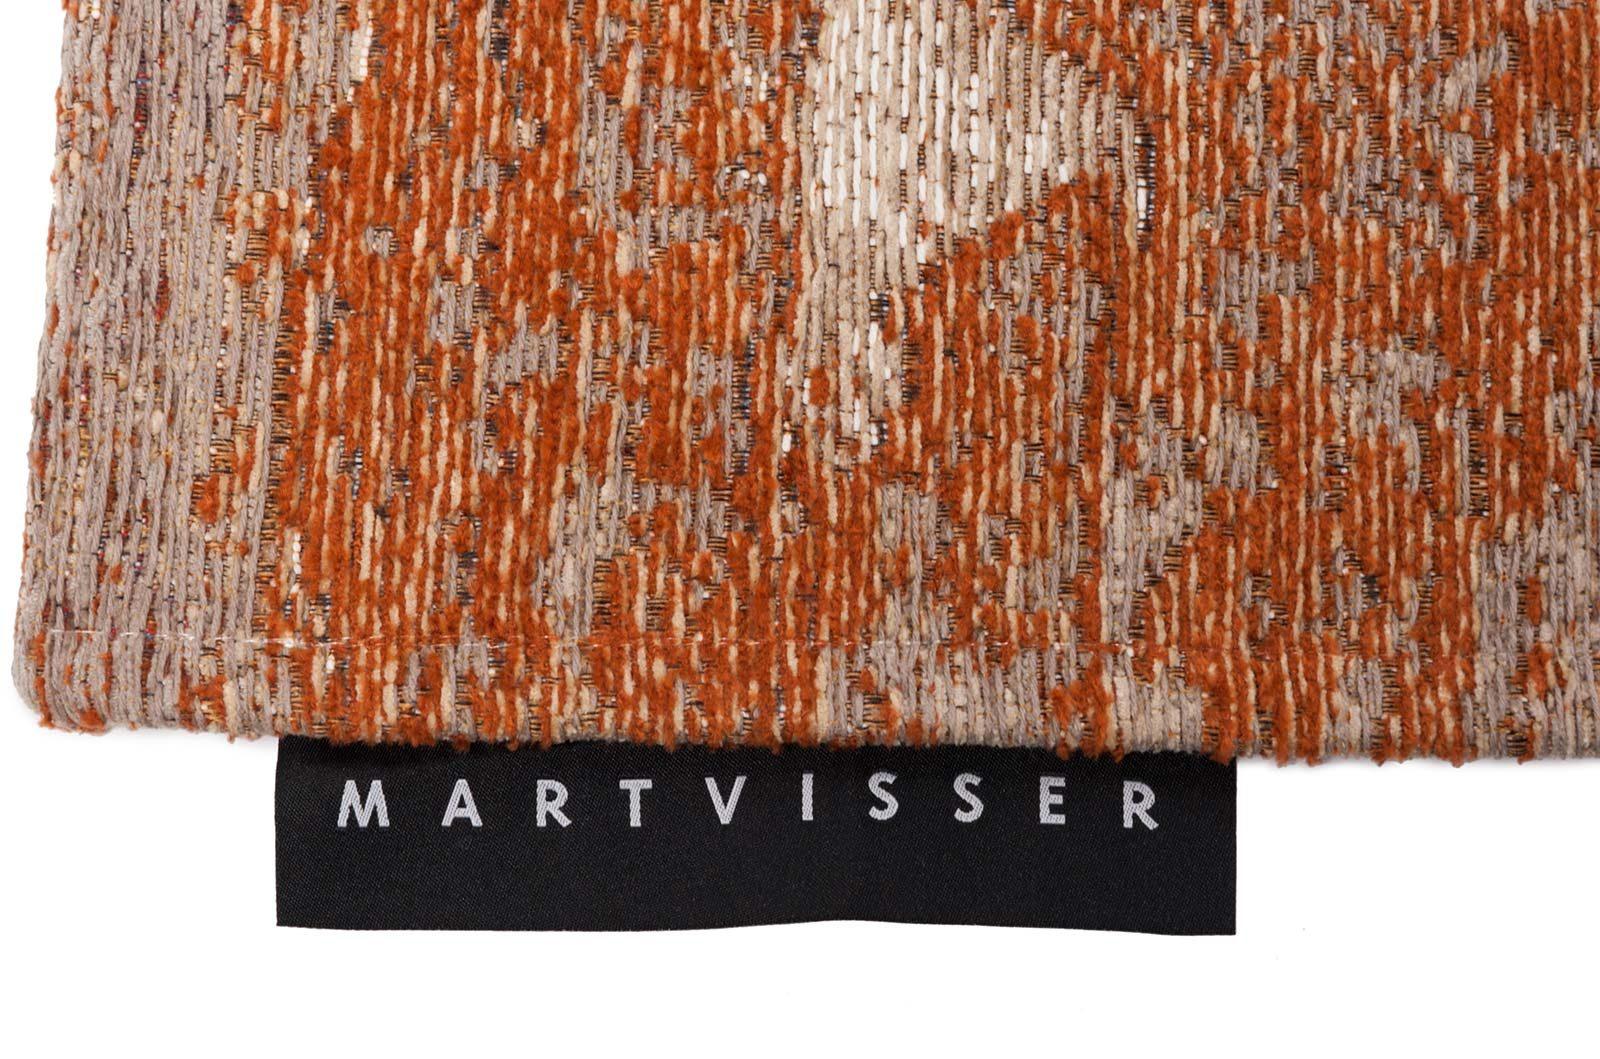 Mart Visser Cendre Coral Red 44 label 2